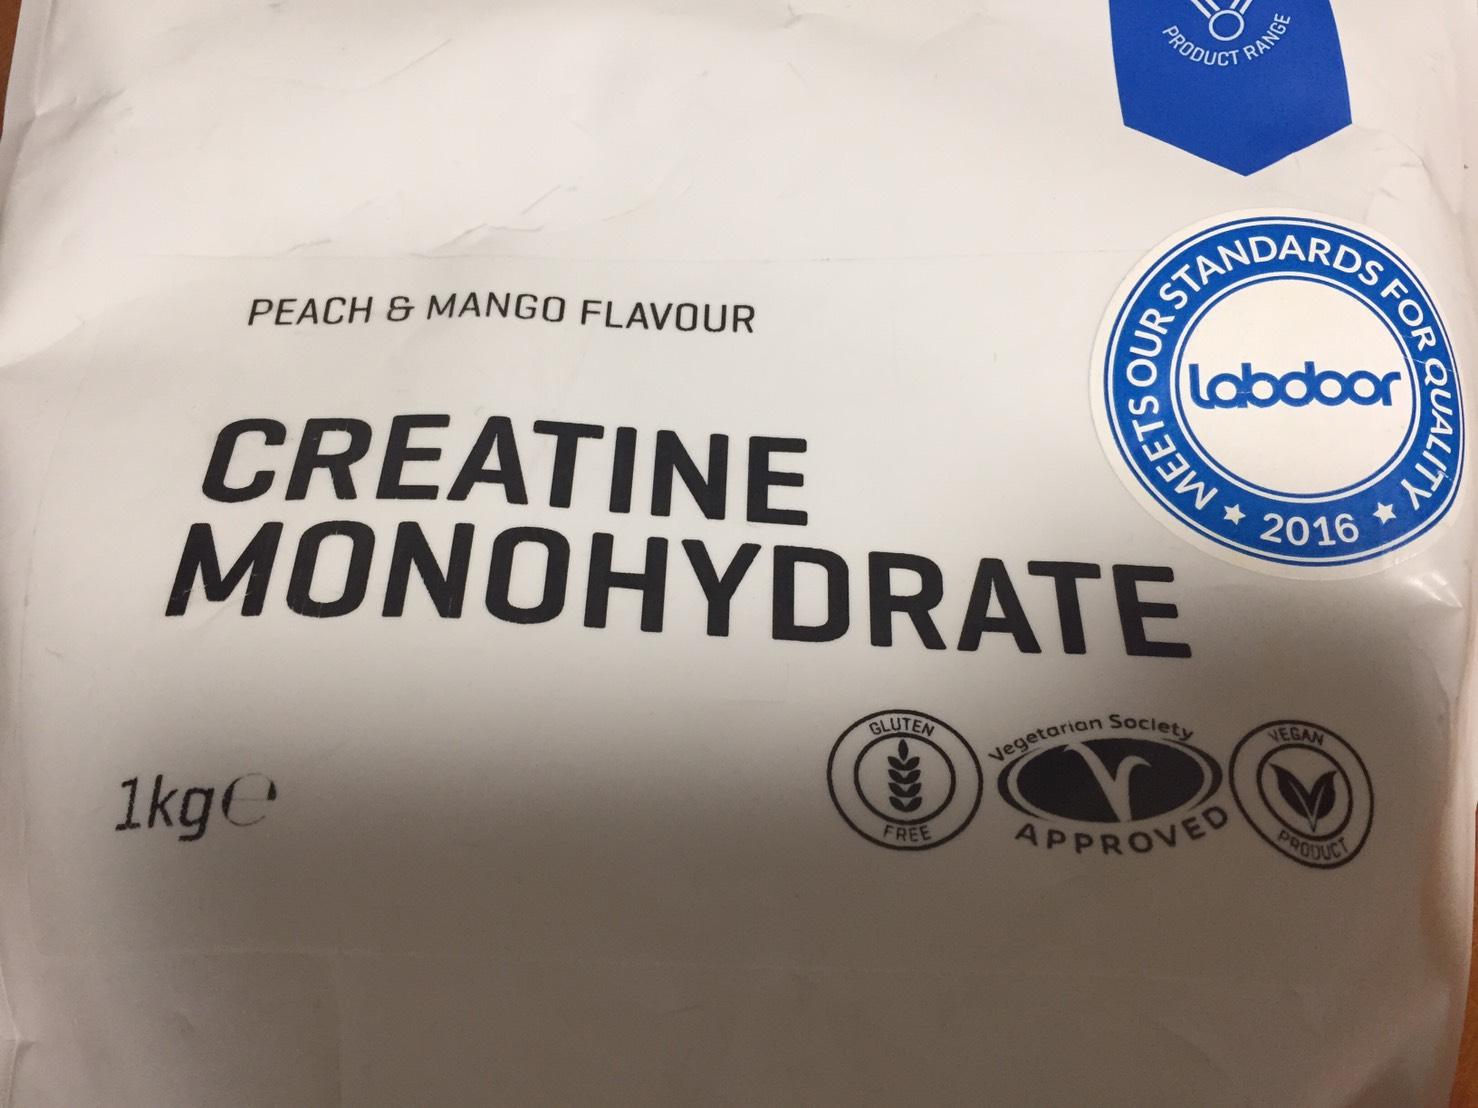 クレアチン一水和物粉末、ピーチマンゴー味のパッケージ